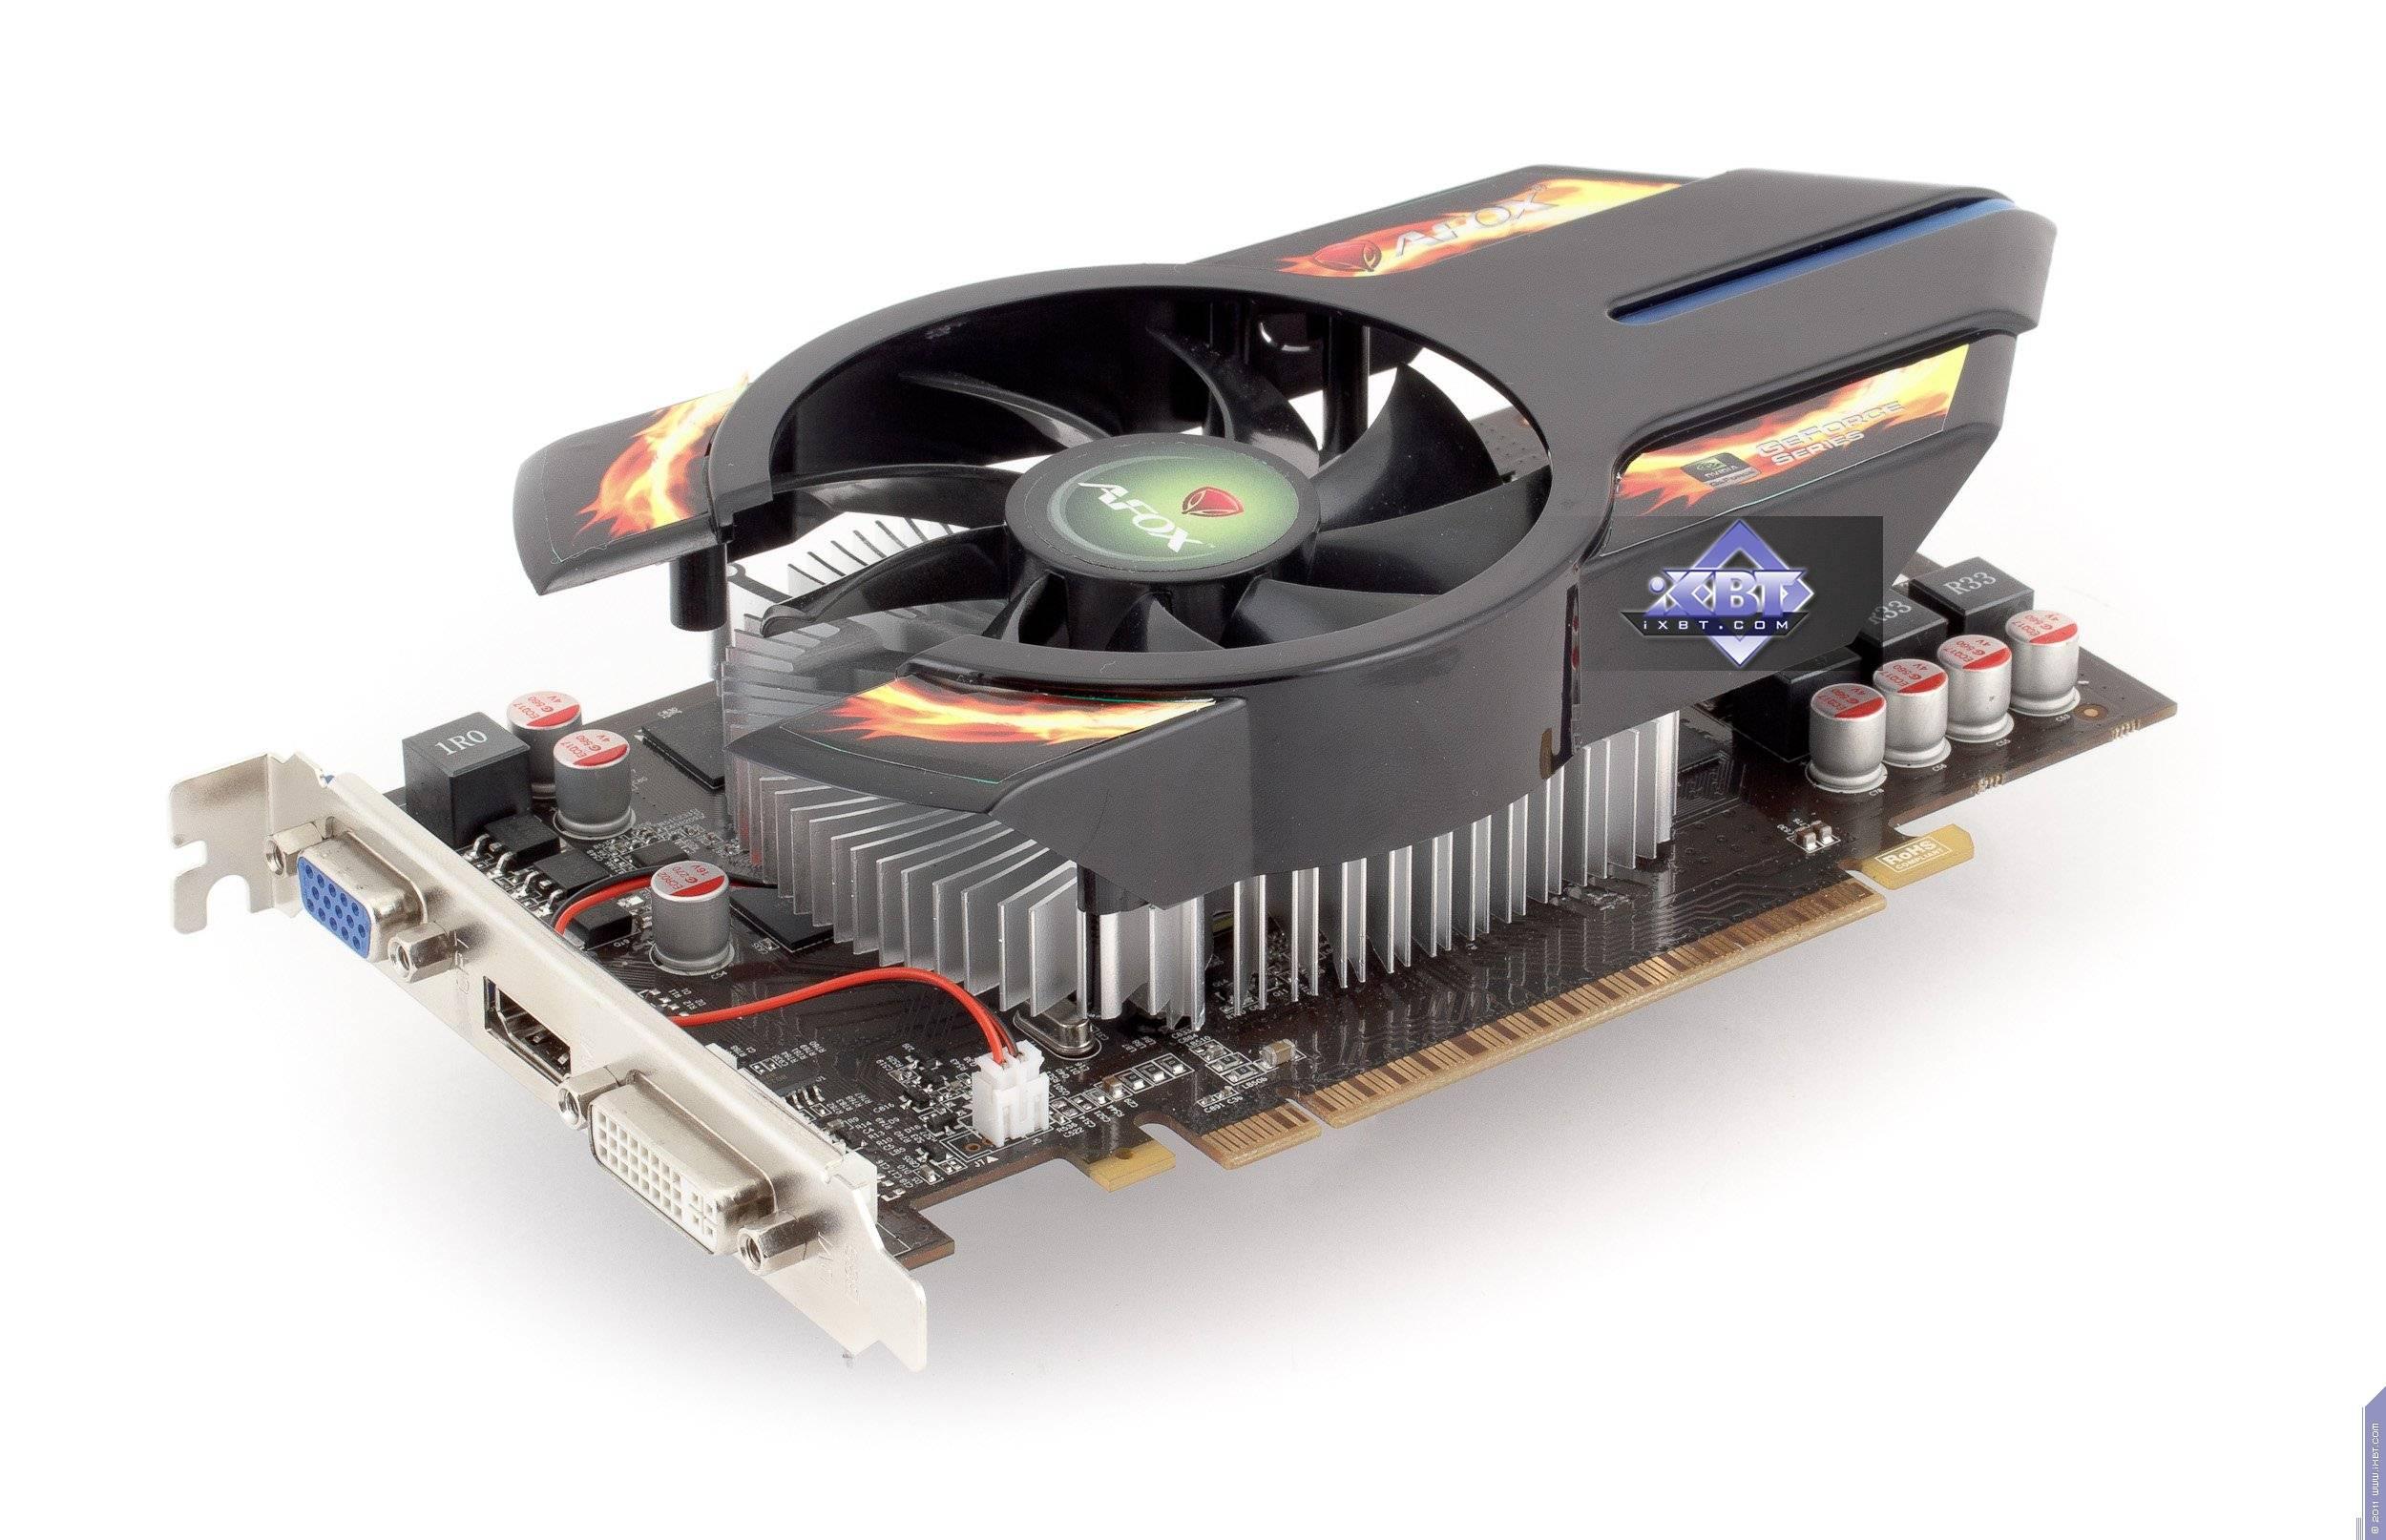 Обзор Radeon HD 6850, Geforce GTX 550 Ti в исполнении AFox